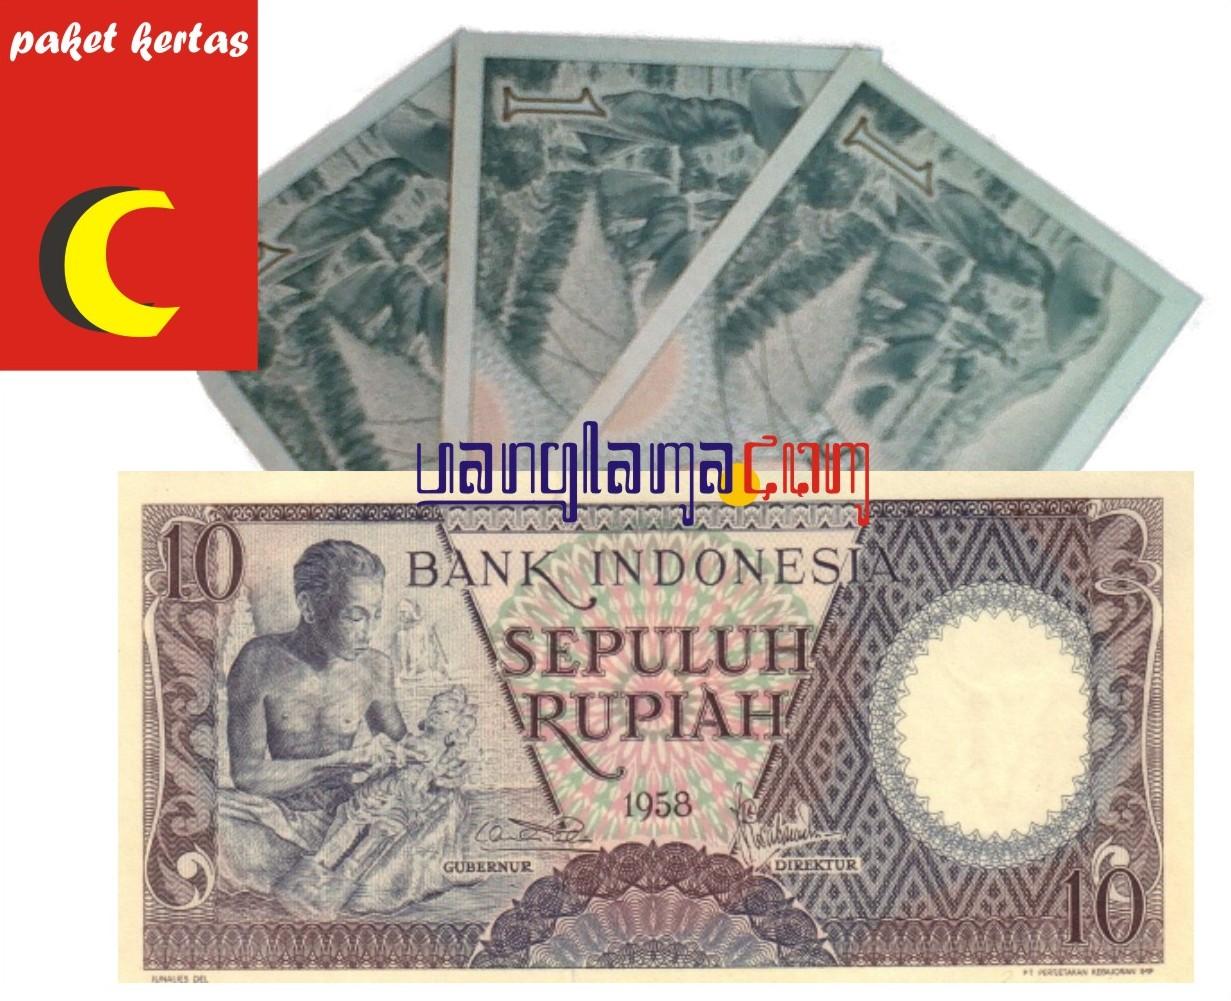 Paket 13 Rupiah C